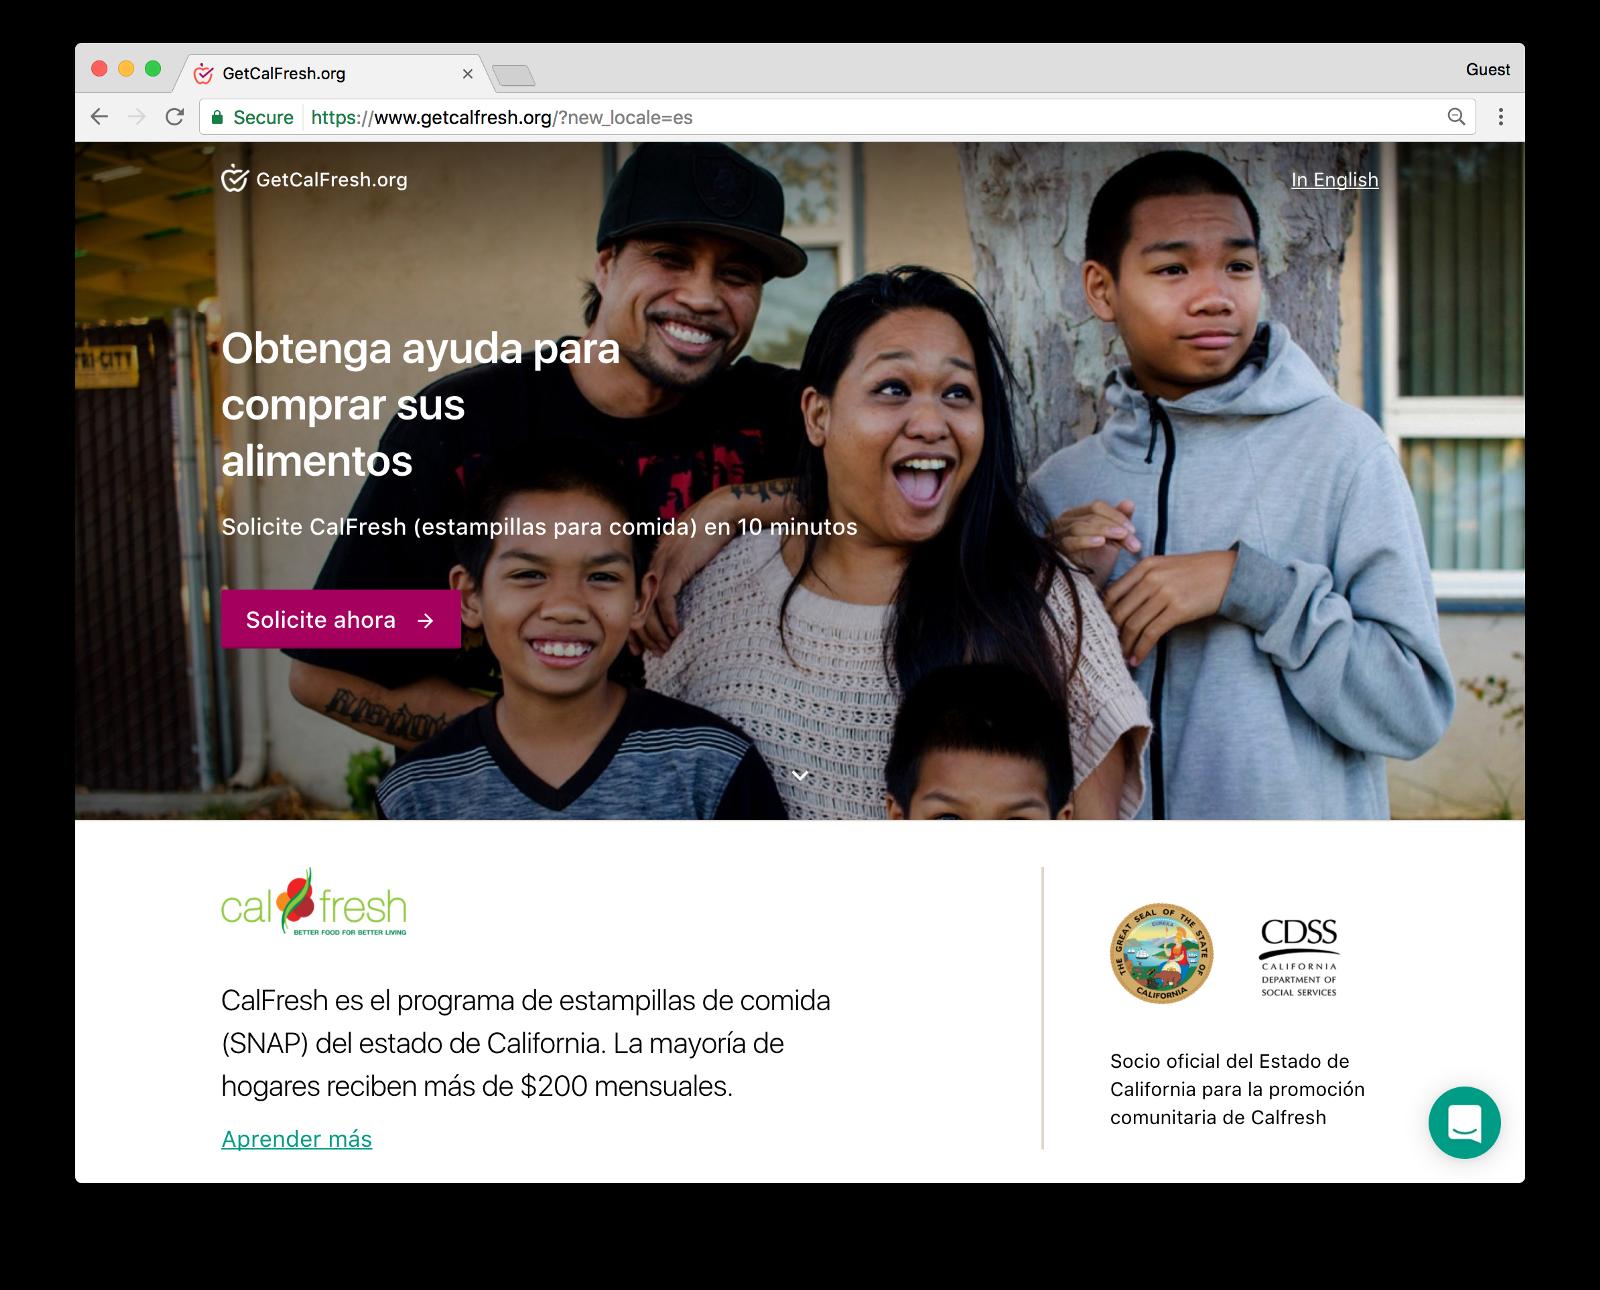 <p>GetCalFresh.org in Spanish</p>